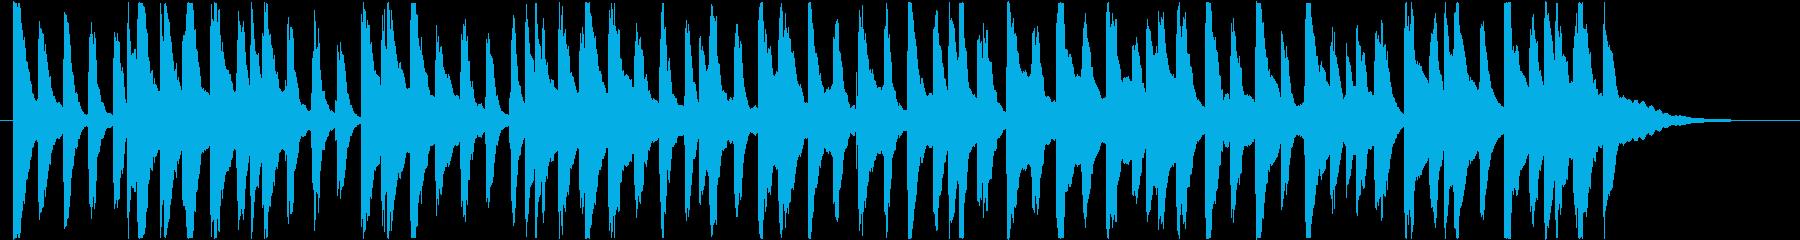 楽しくコミカルなBGM(30秒ver)の再生済みの波形